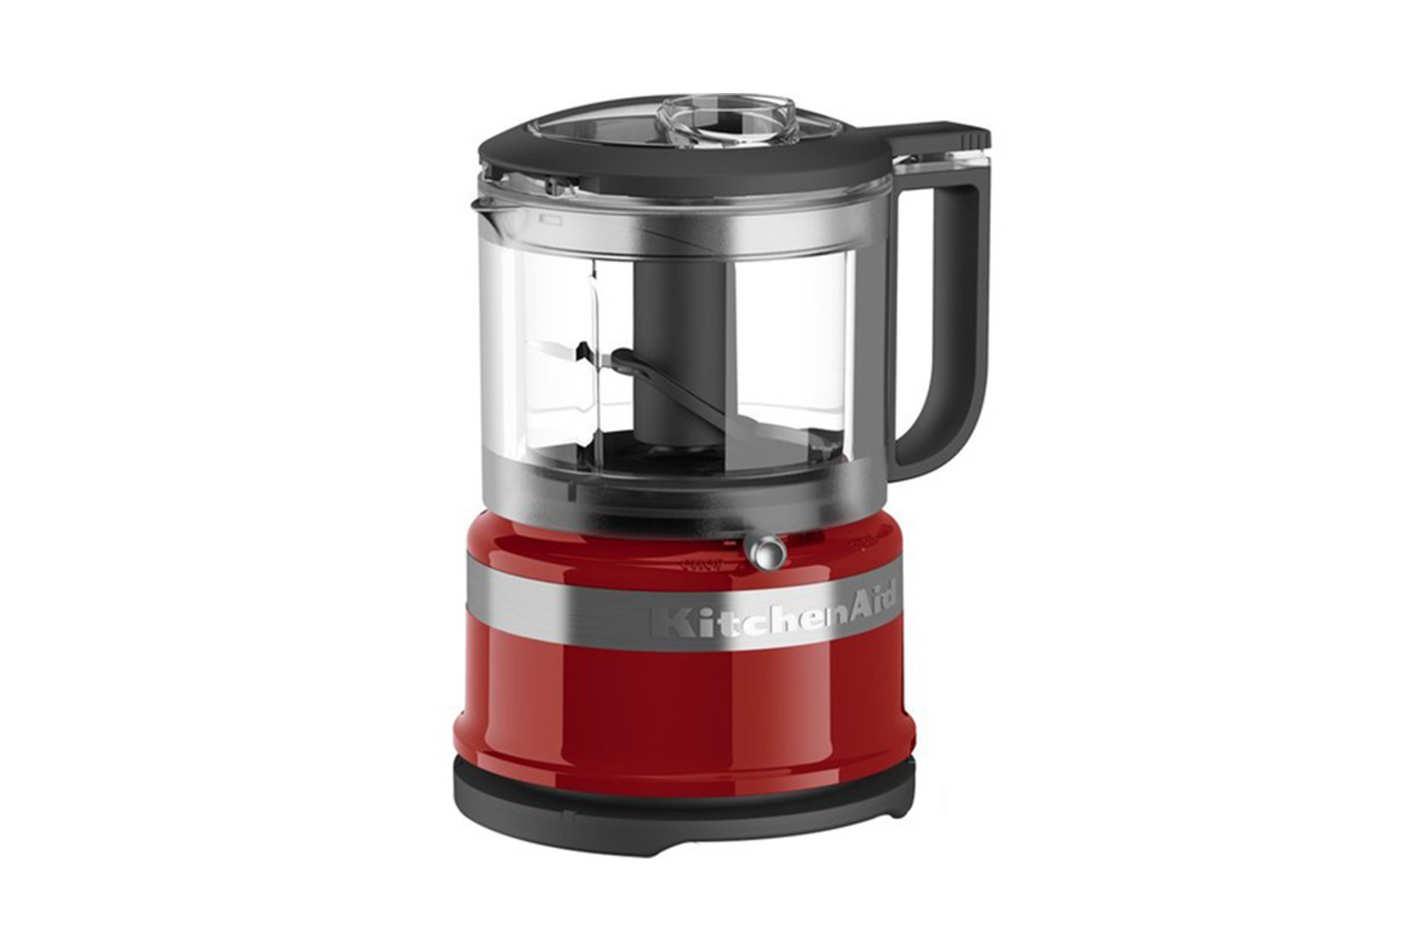 KitchenAid 3.5 Cup Mini FoodProcessor